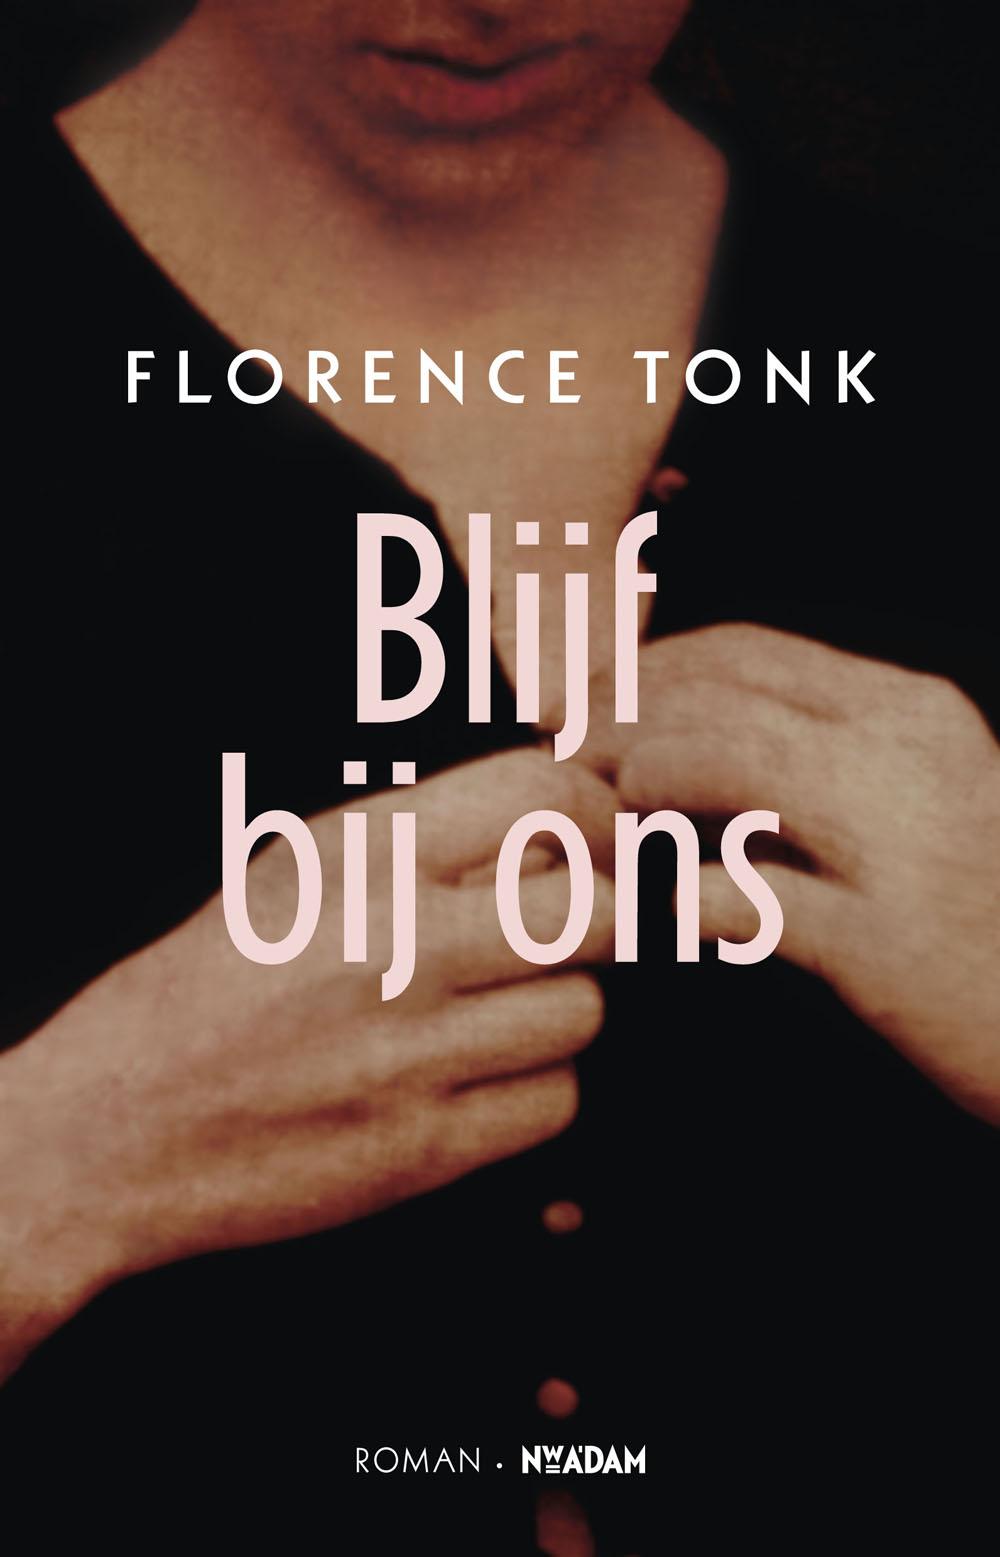 Florence-Tonk_Blijf-bij-ons_1000pxbr.jpg